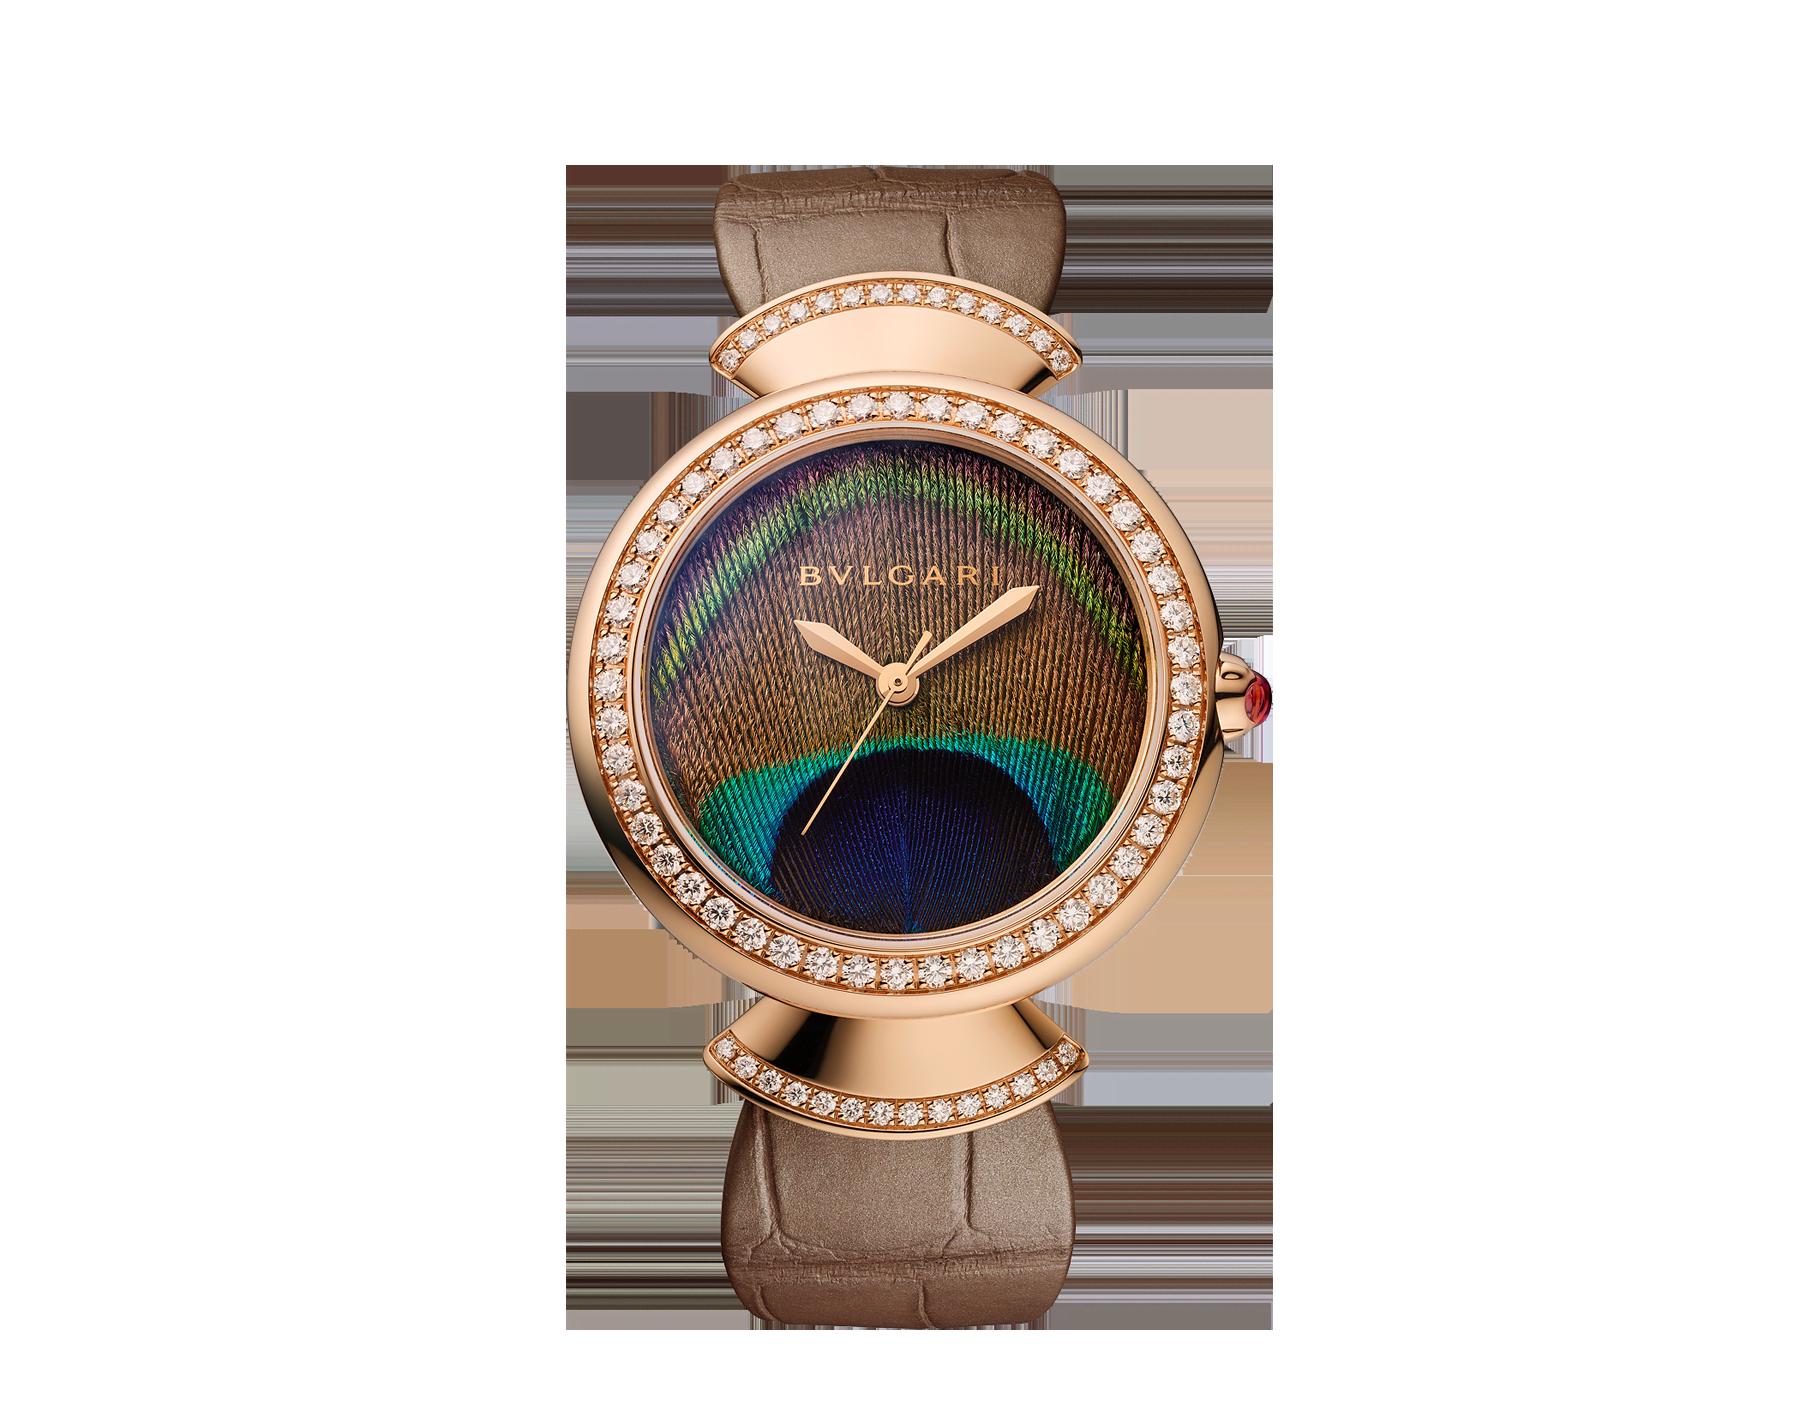 Часы DIVAS' DREAM, мануфактурный механизм с автоматическим заводом, корпус из розового золота 18 карат, безель и крепления в форме веера из розового золота 18 карат с бриллиантами классической огранки, циферблат с настоящим пером павлина, ремешок из блестящей кожи аллигатора бежевого цвета 103139 image 1